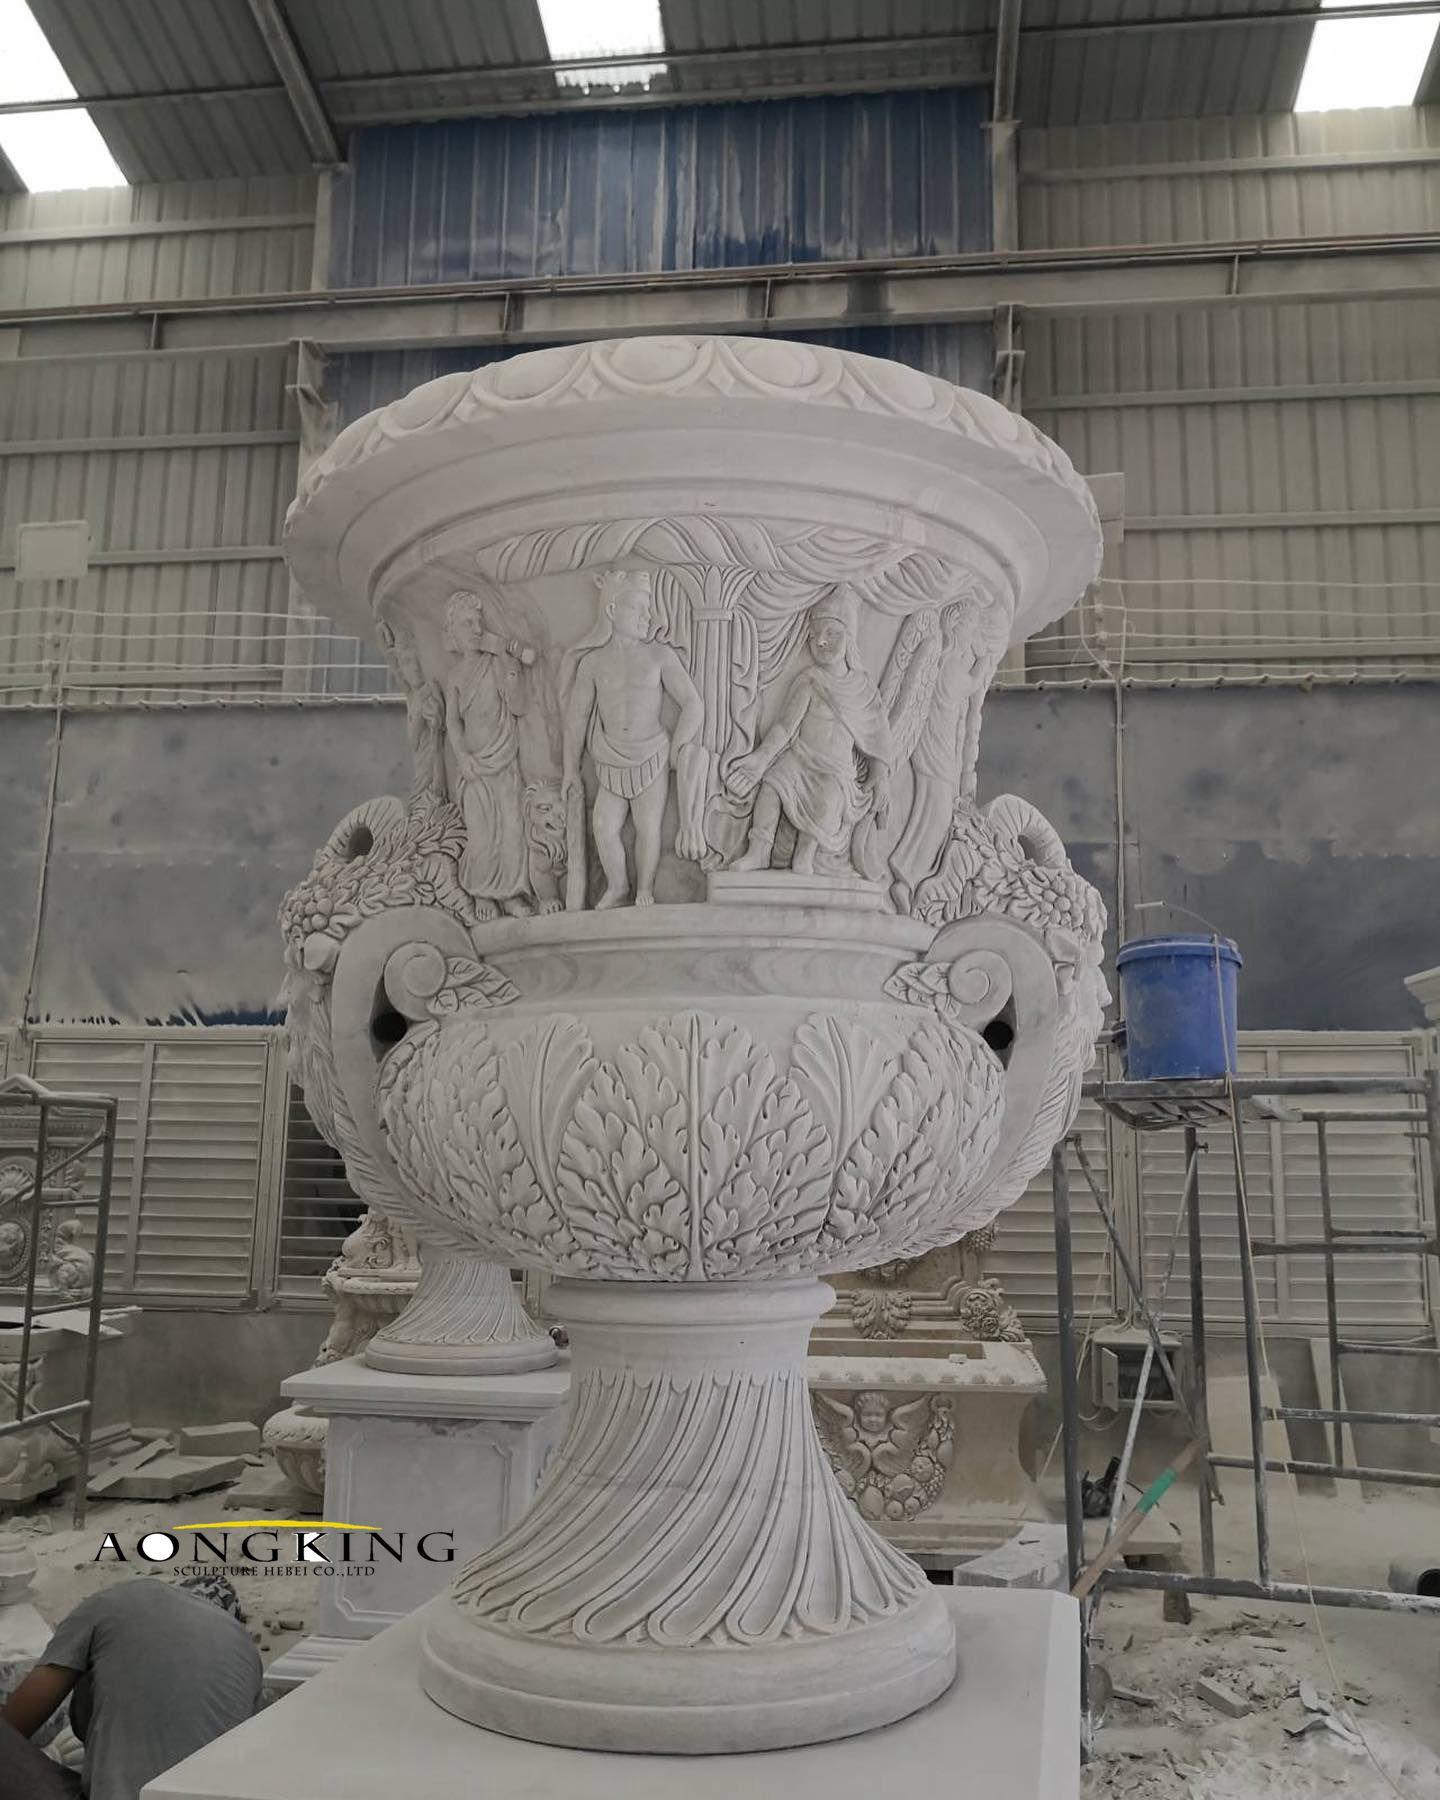 Vases for home decor